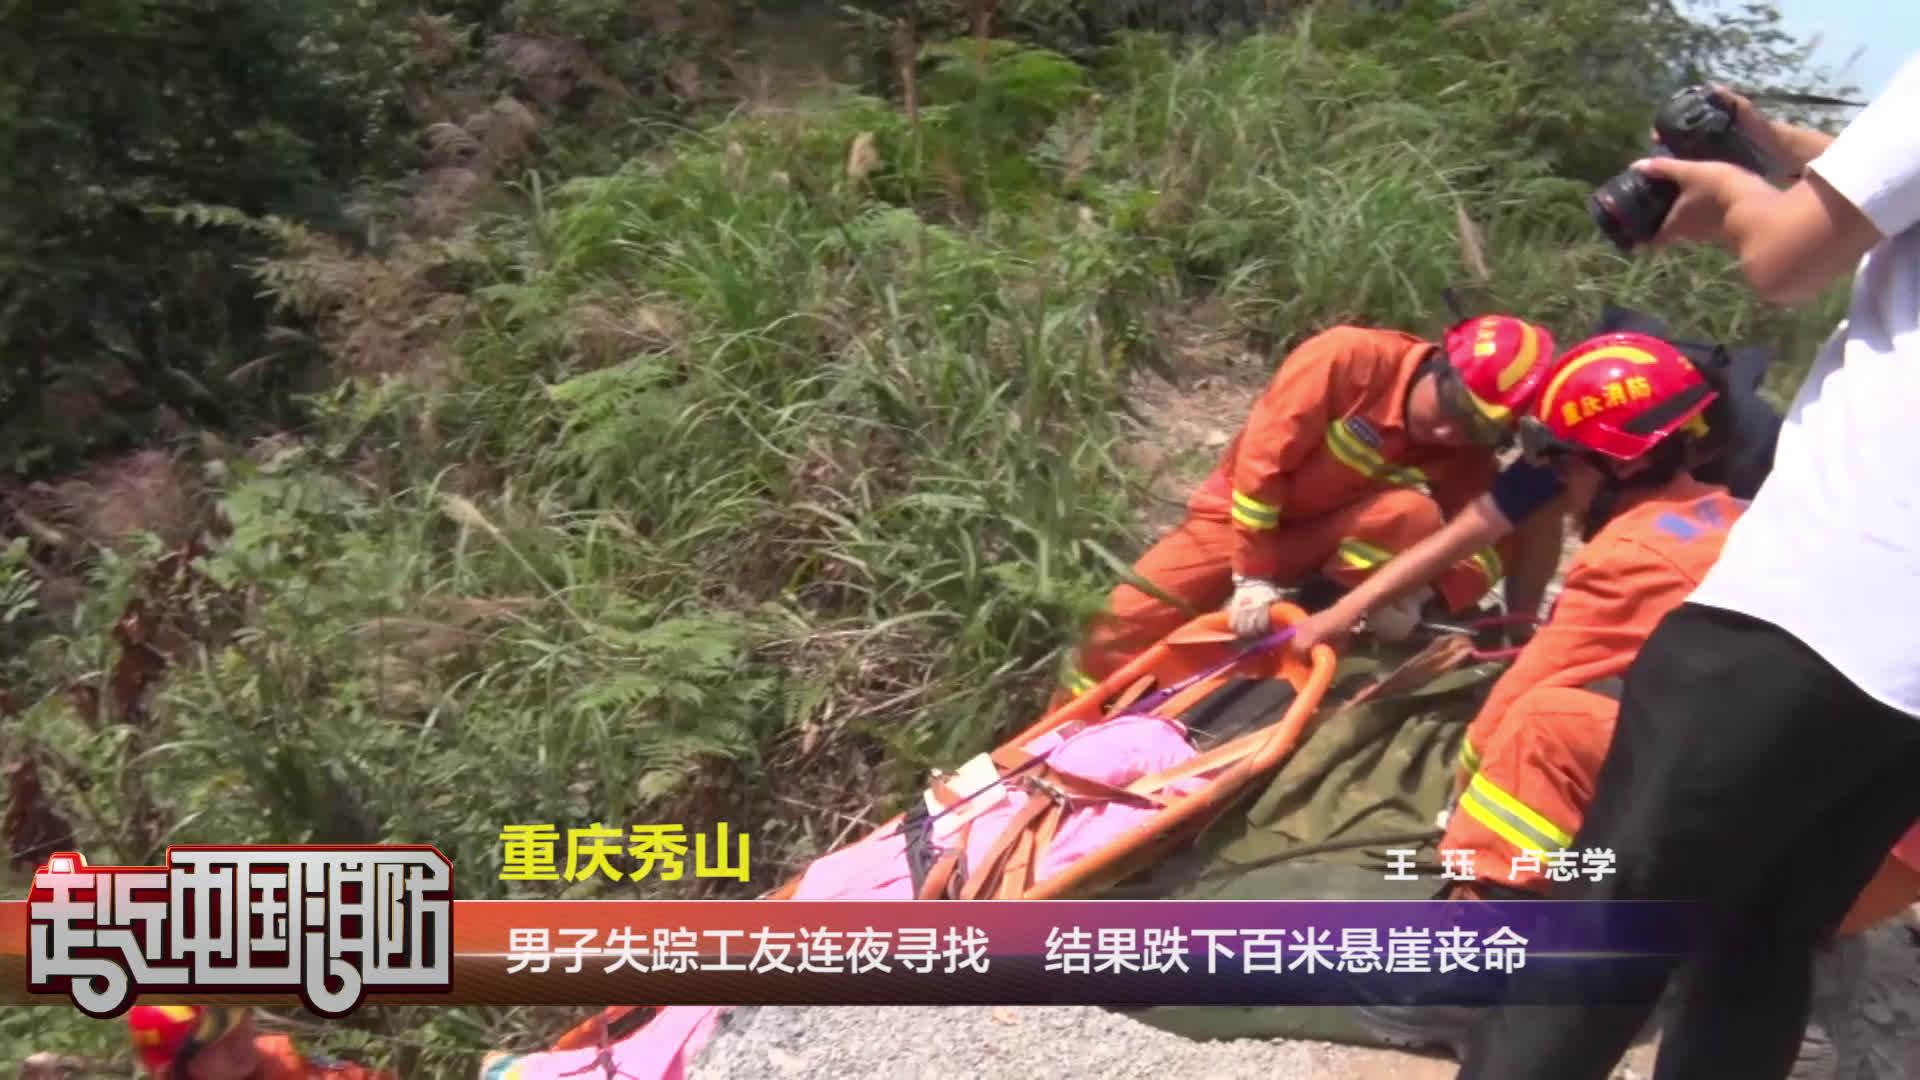 男子失踪工友连夜寻找 结果跌下百米悬崖丧命